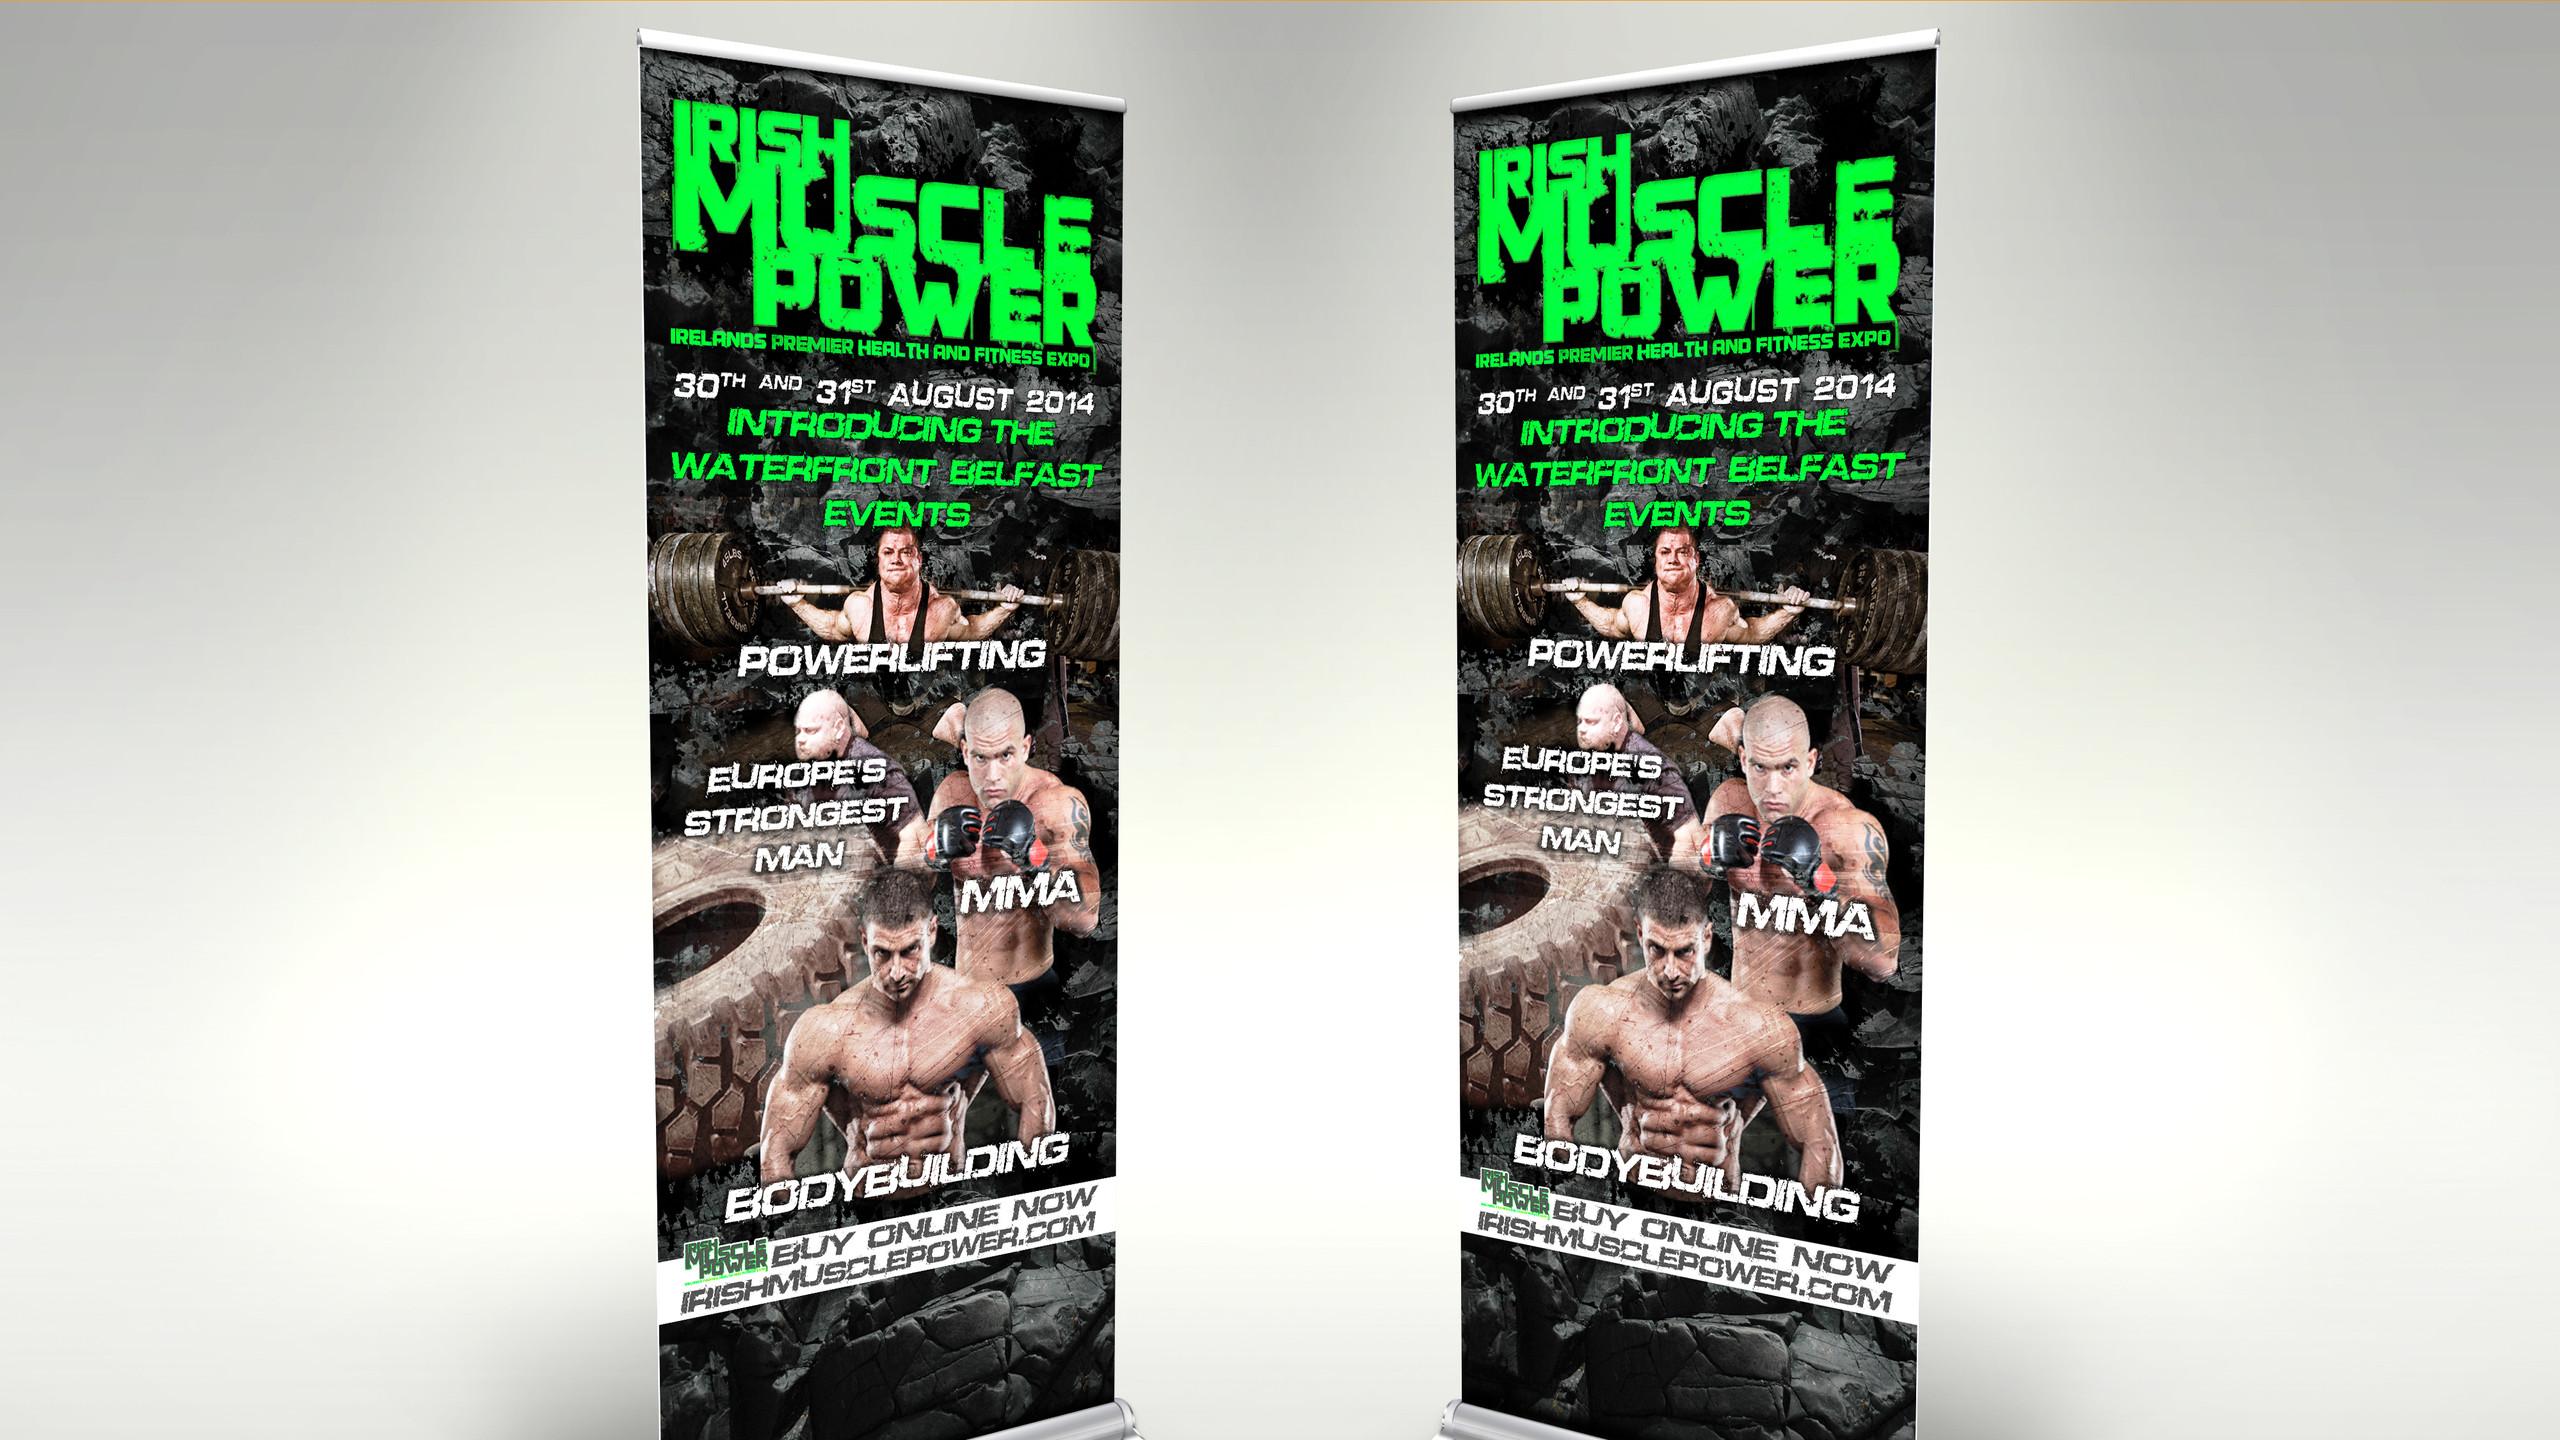 roll up mock_irishmuscle_power